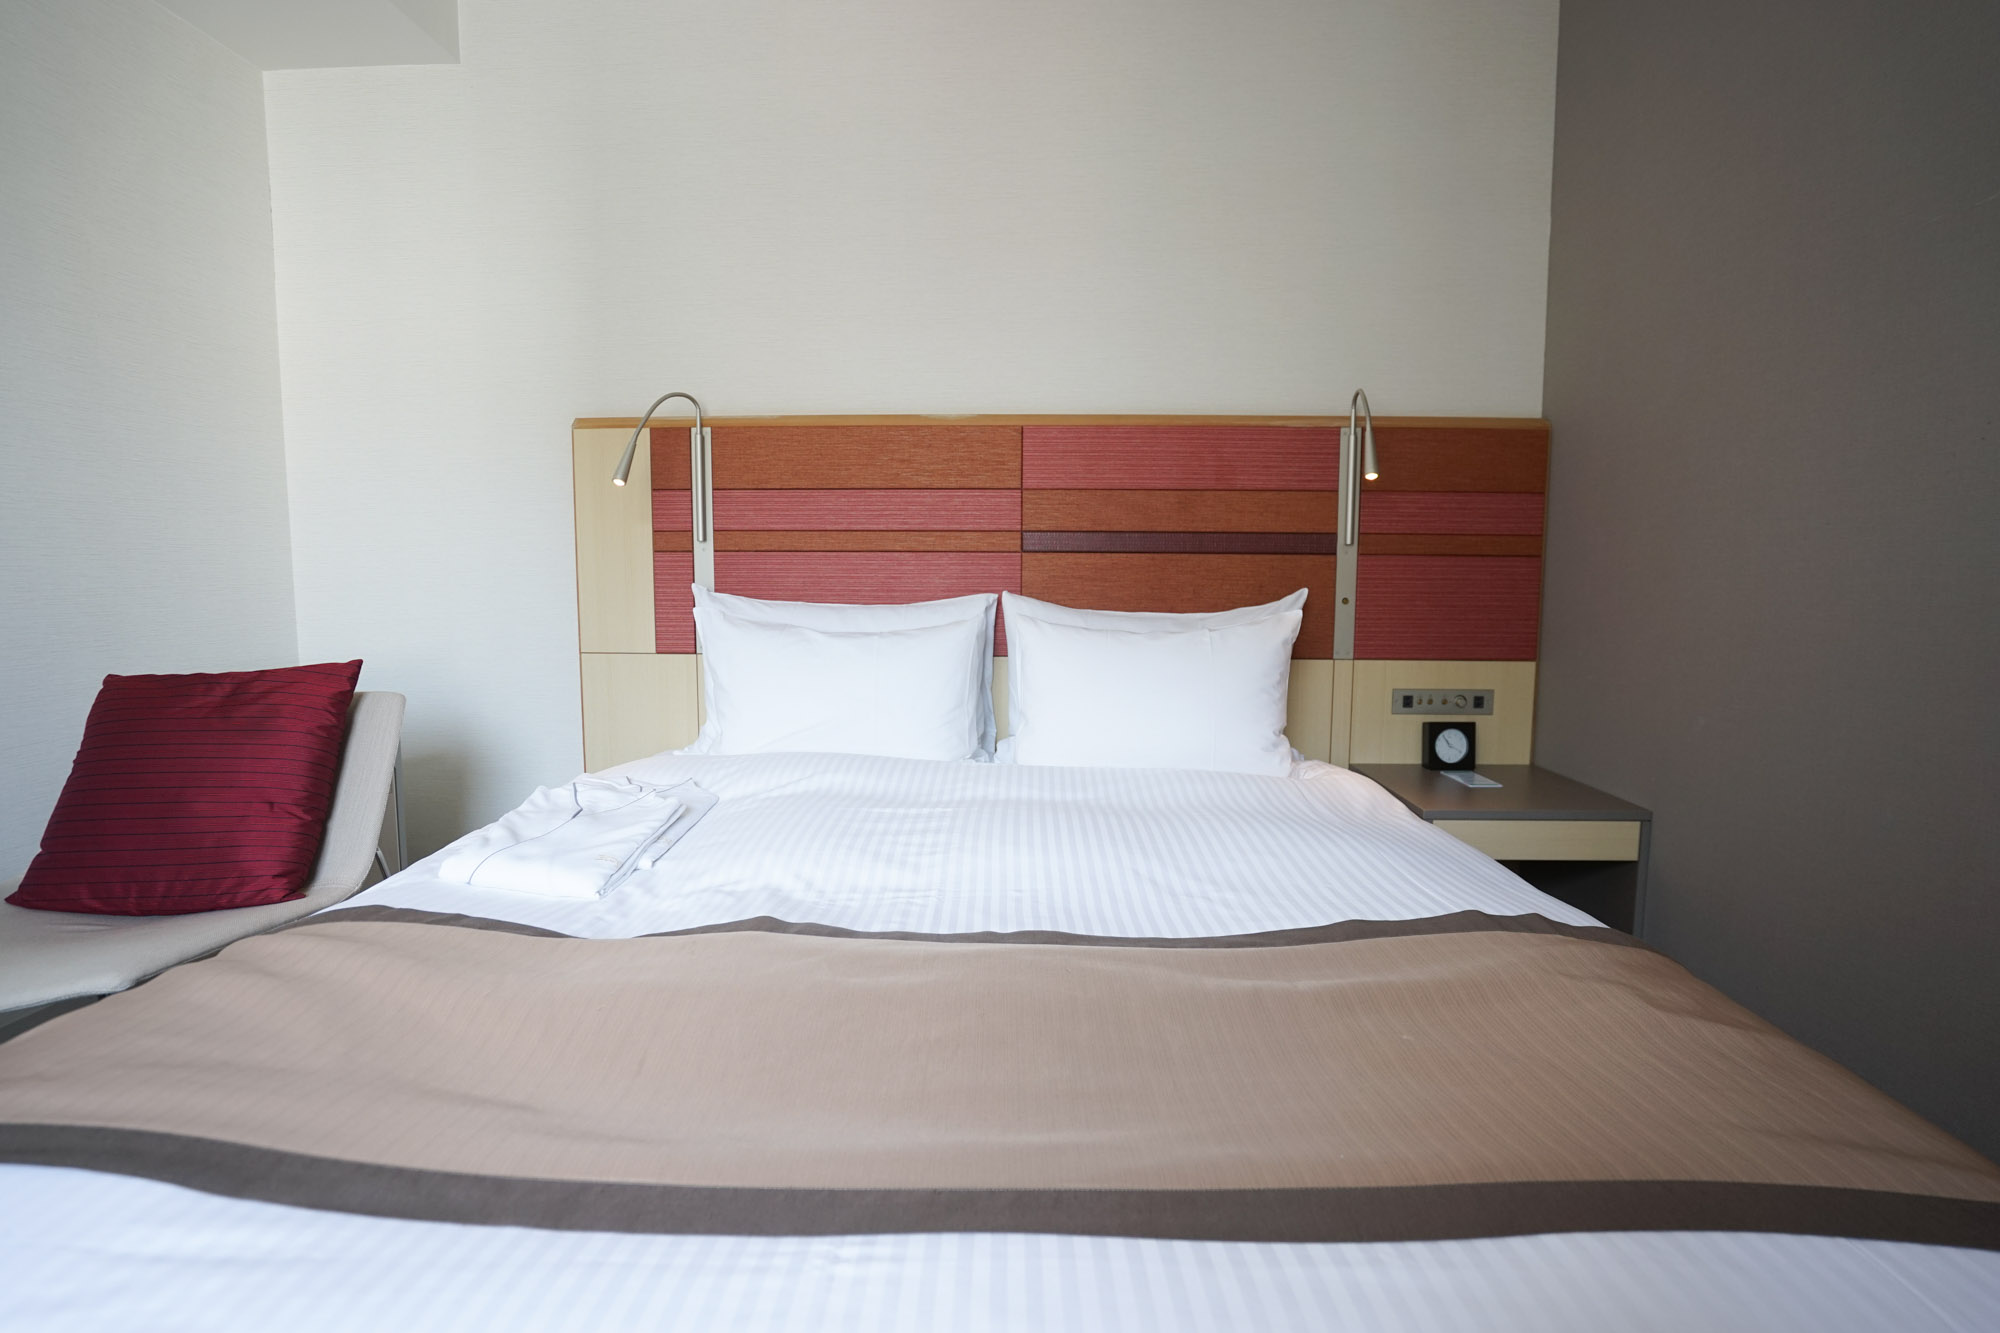 シモンズ社のふかふかのダブルベッド!ゆったり贅沢に、毎日しっかりと睡眠をとれそうです。